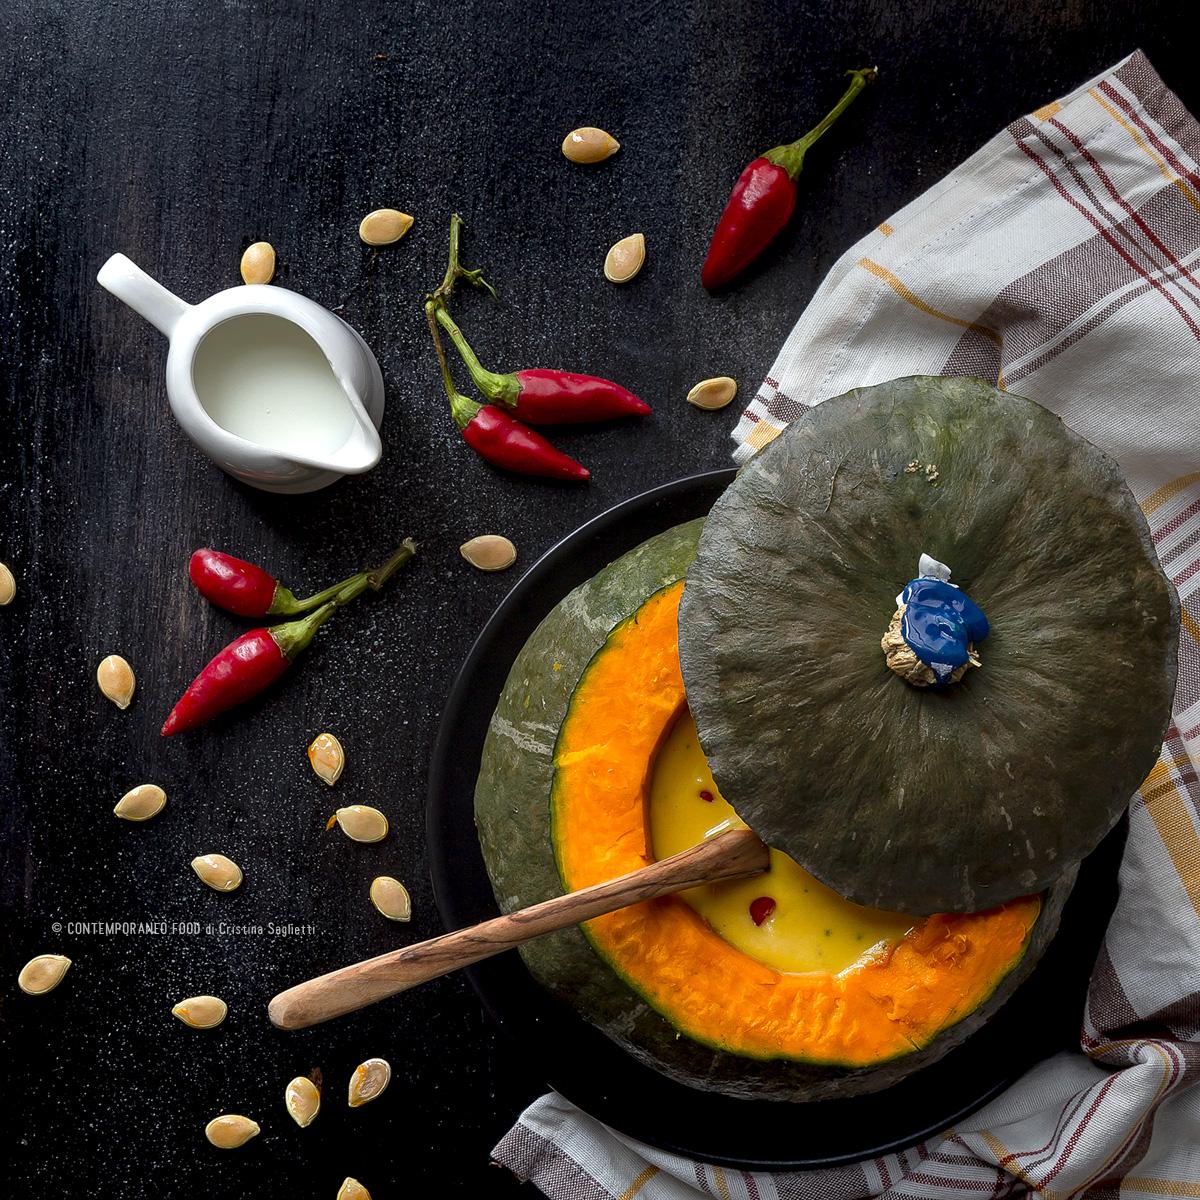 vellutata-di-zucca-con-latte-di-cocco-peperoncino-alloro-ricetta-veloce-contemporaneo-food